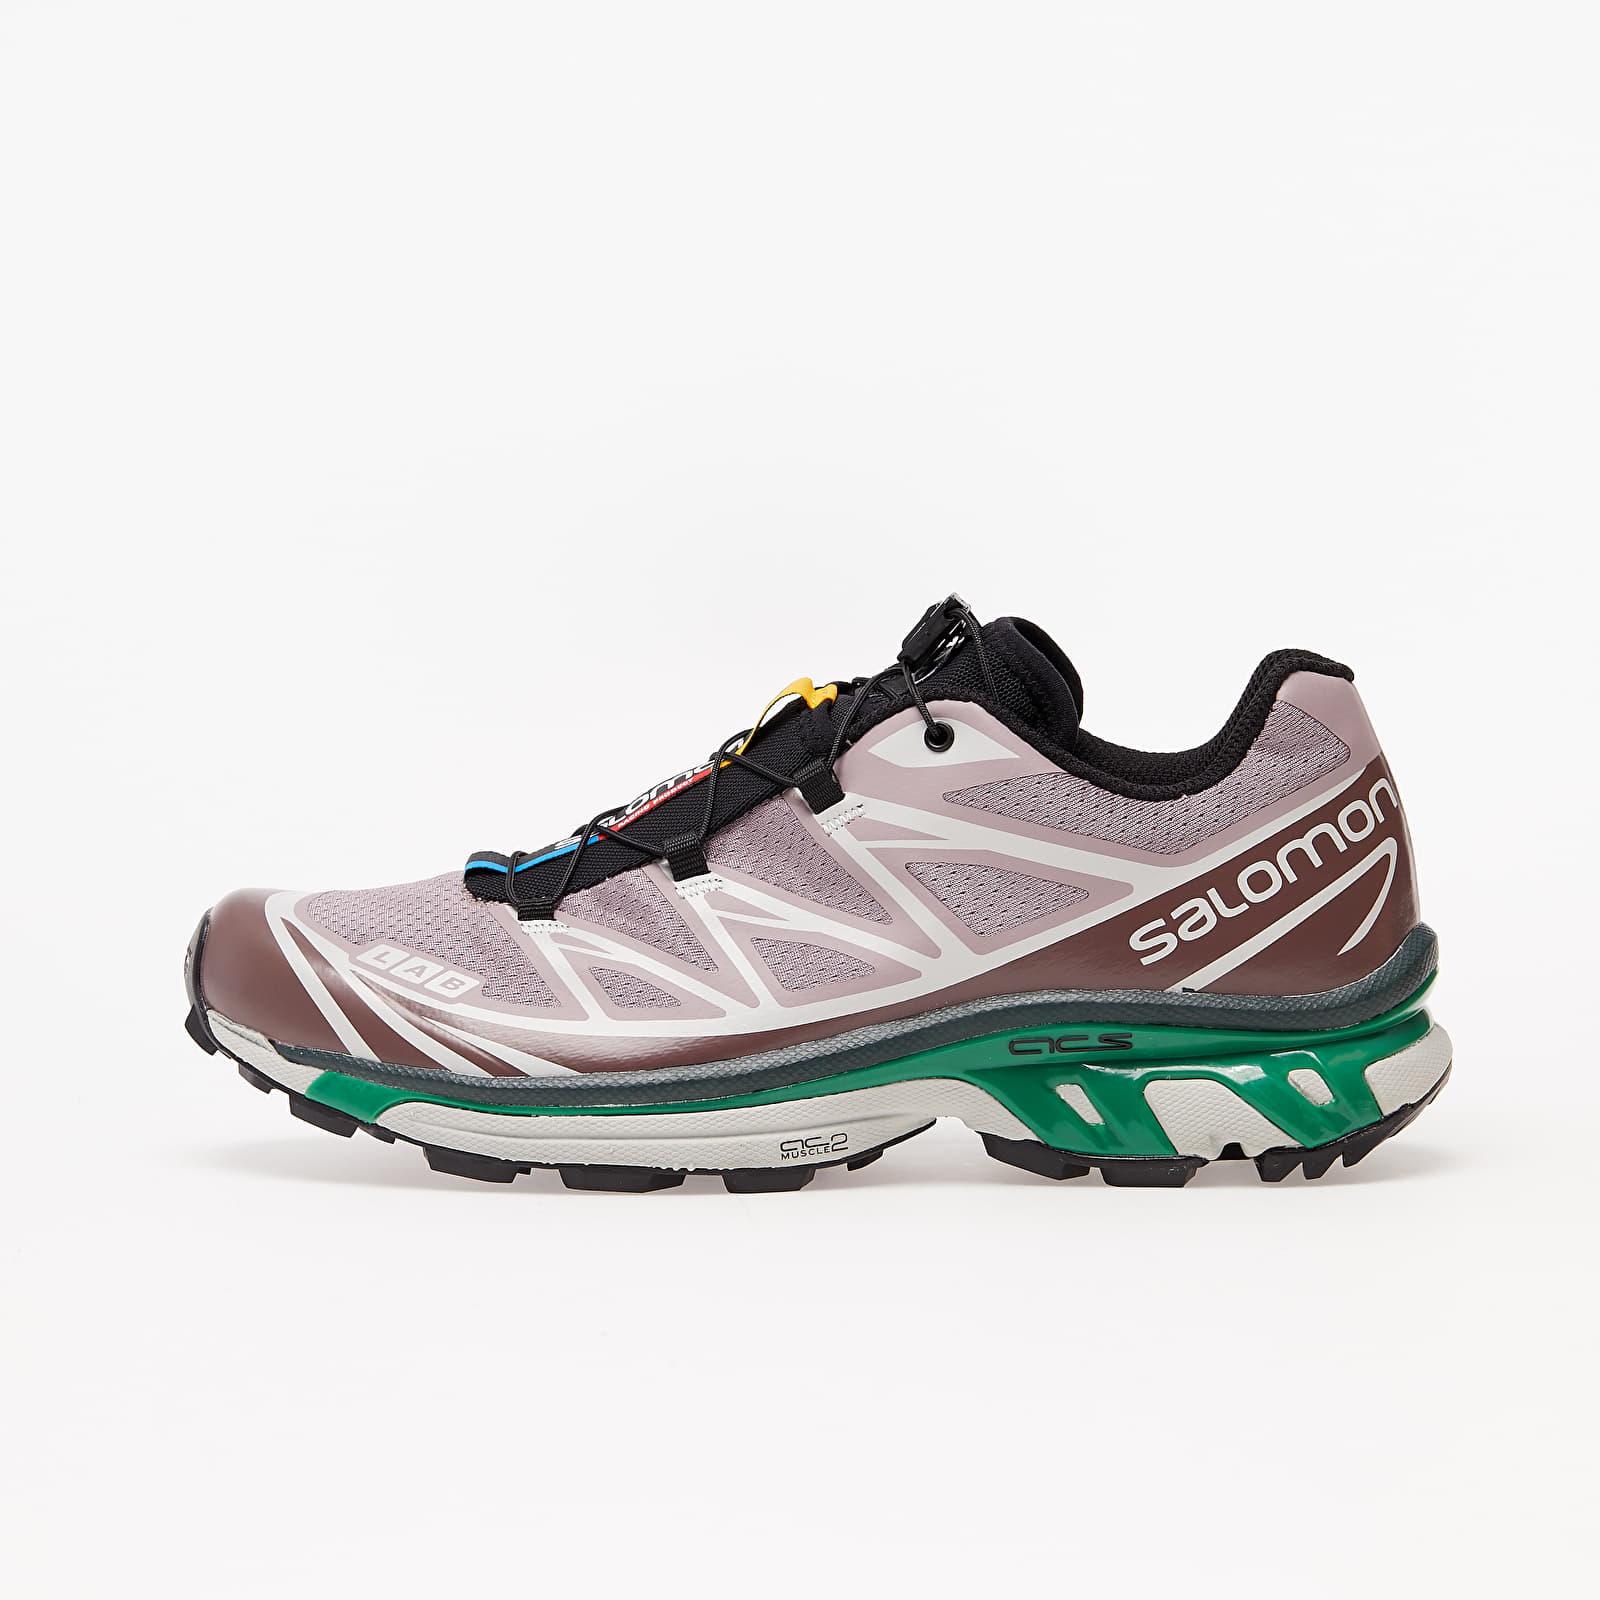 Chaussures et baskets homme Salomon XT-6 Advanced Quail/ Peppercorn/ Amazon